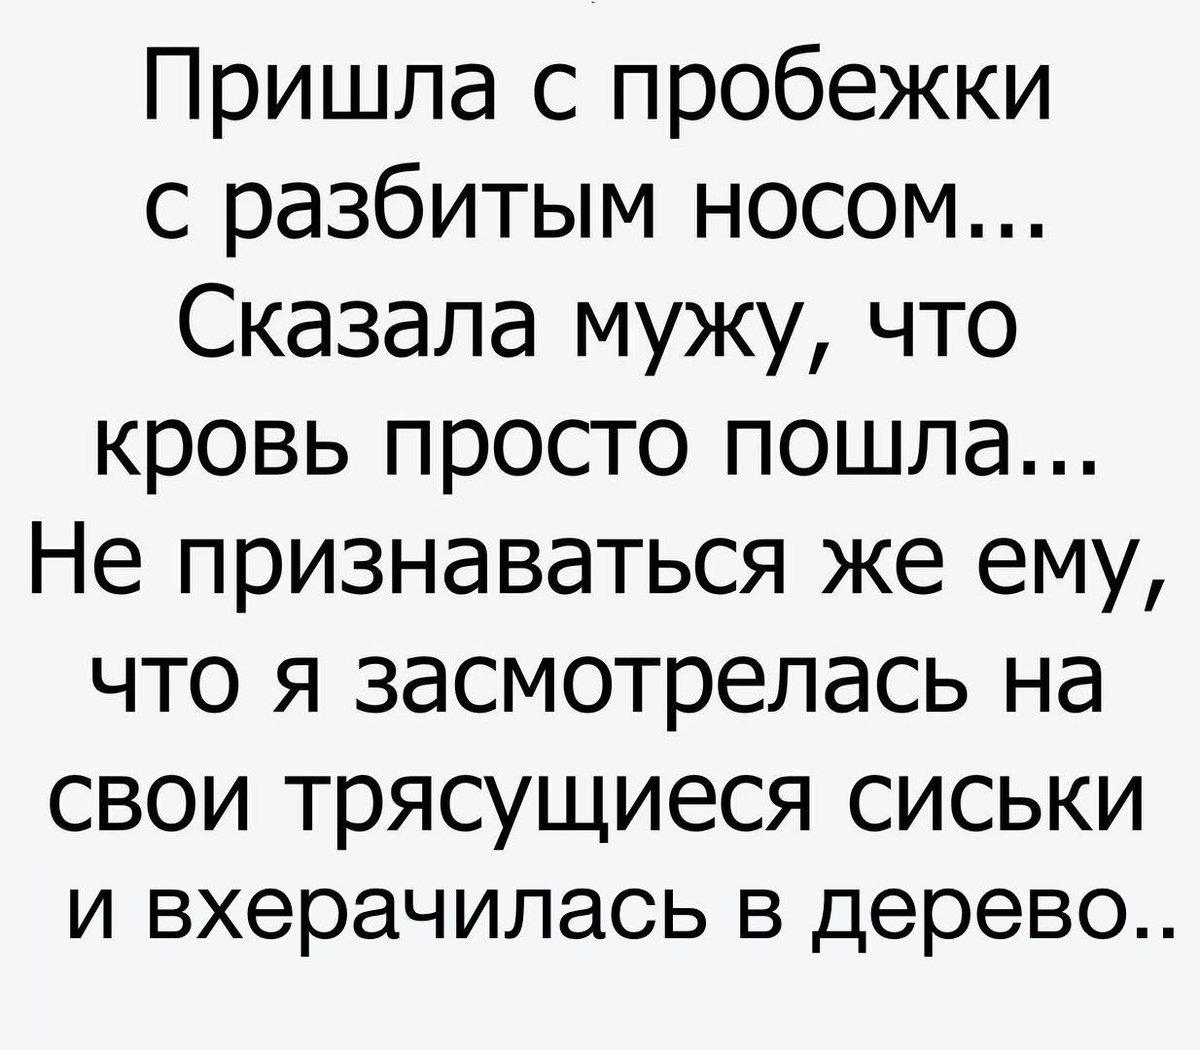 Кремль не имеет отношения к рекламе на Facebook во время выборной кампании в США, - Песков - Цензор.НЕТ 9046